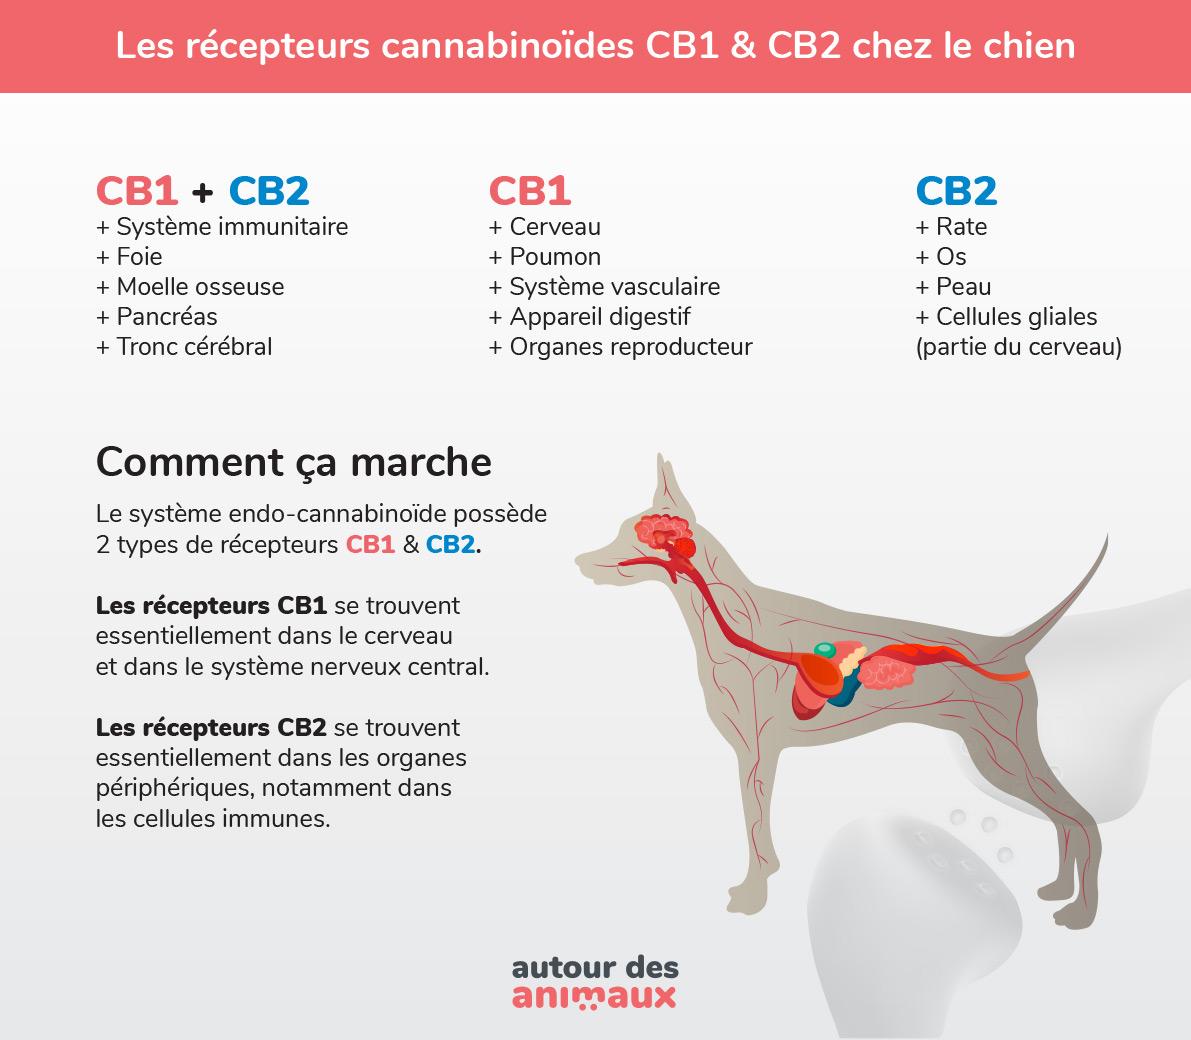 récepteurs CB1 CB2 chez le chien graphique explicatif